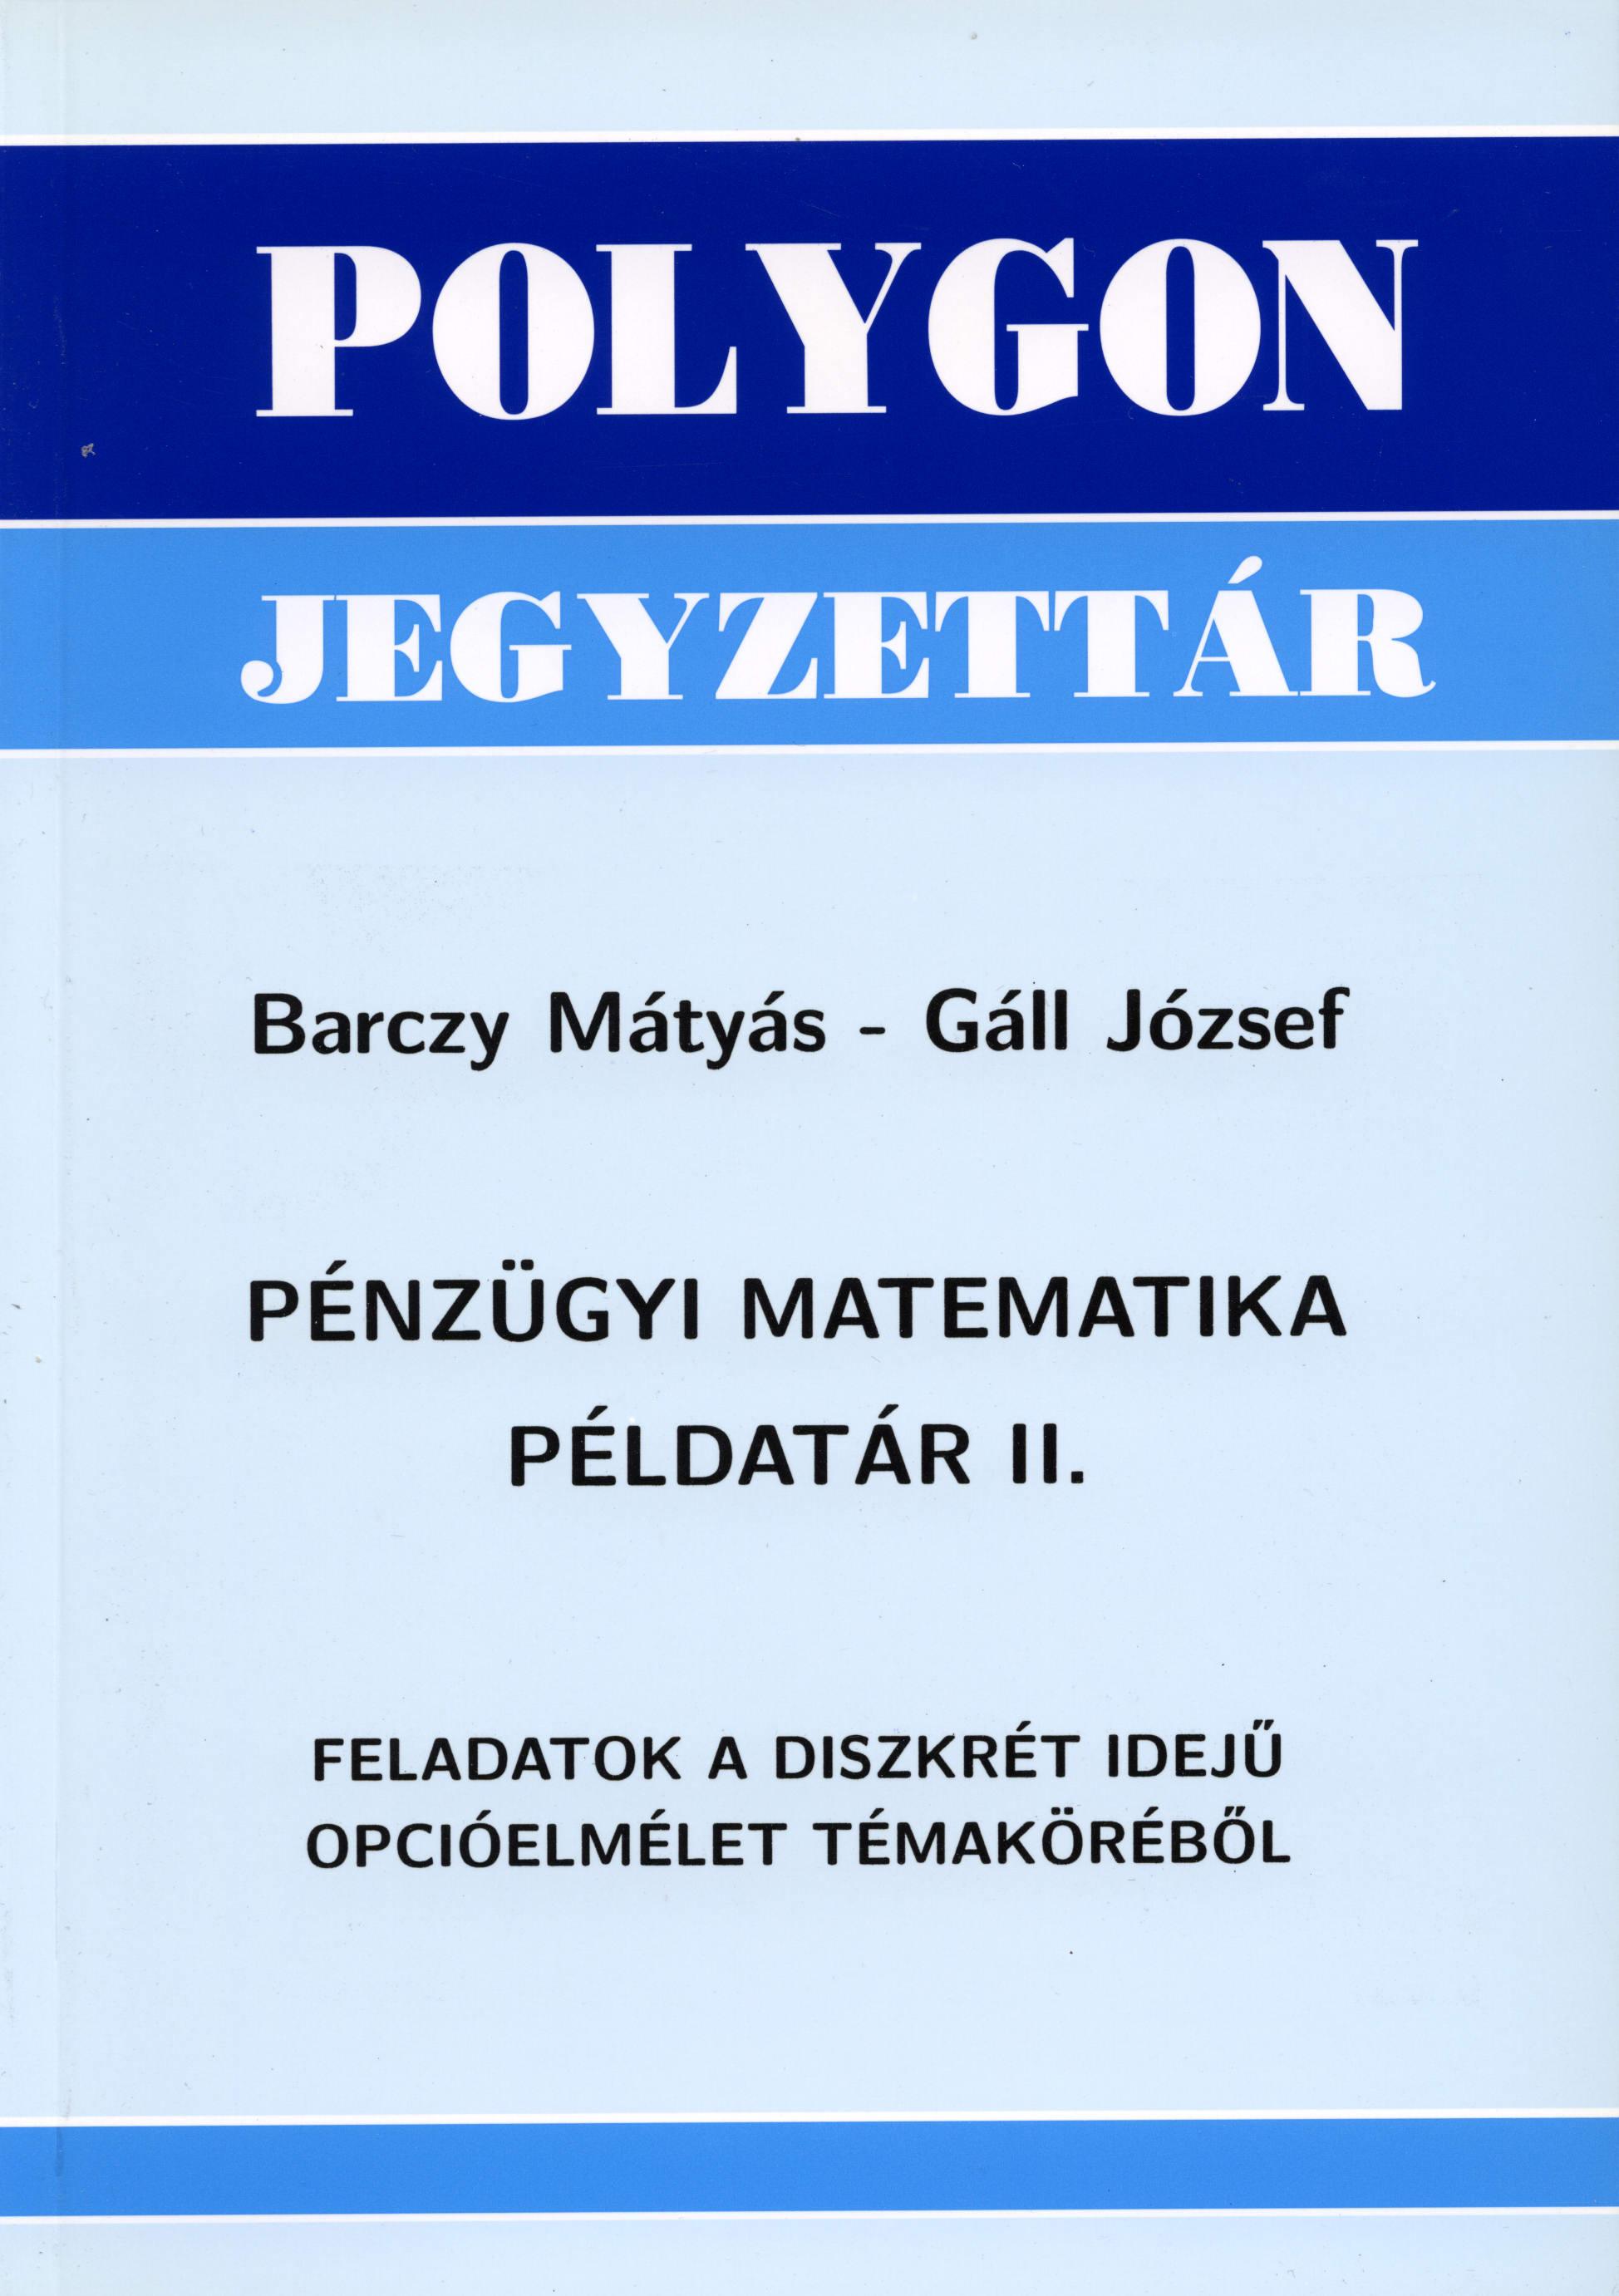 Pénzügyi matematika példatár II. - Polygon jegyzet